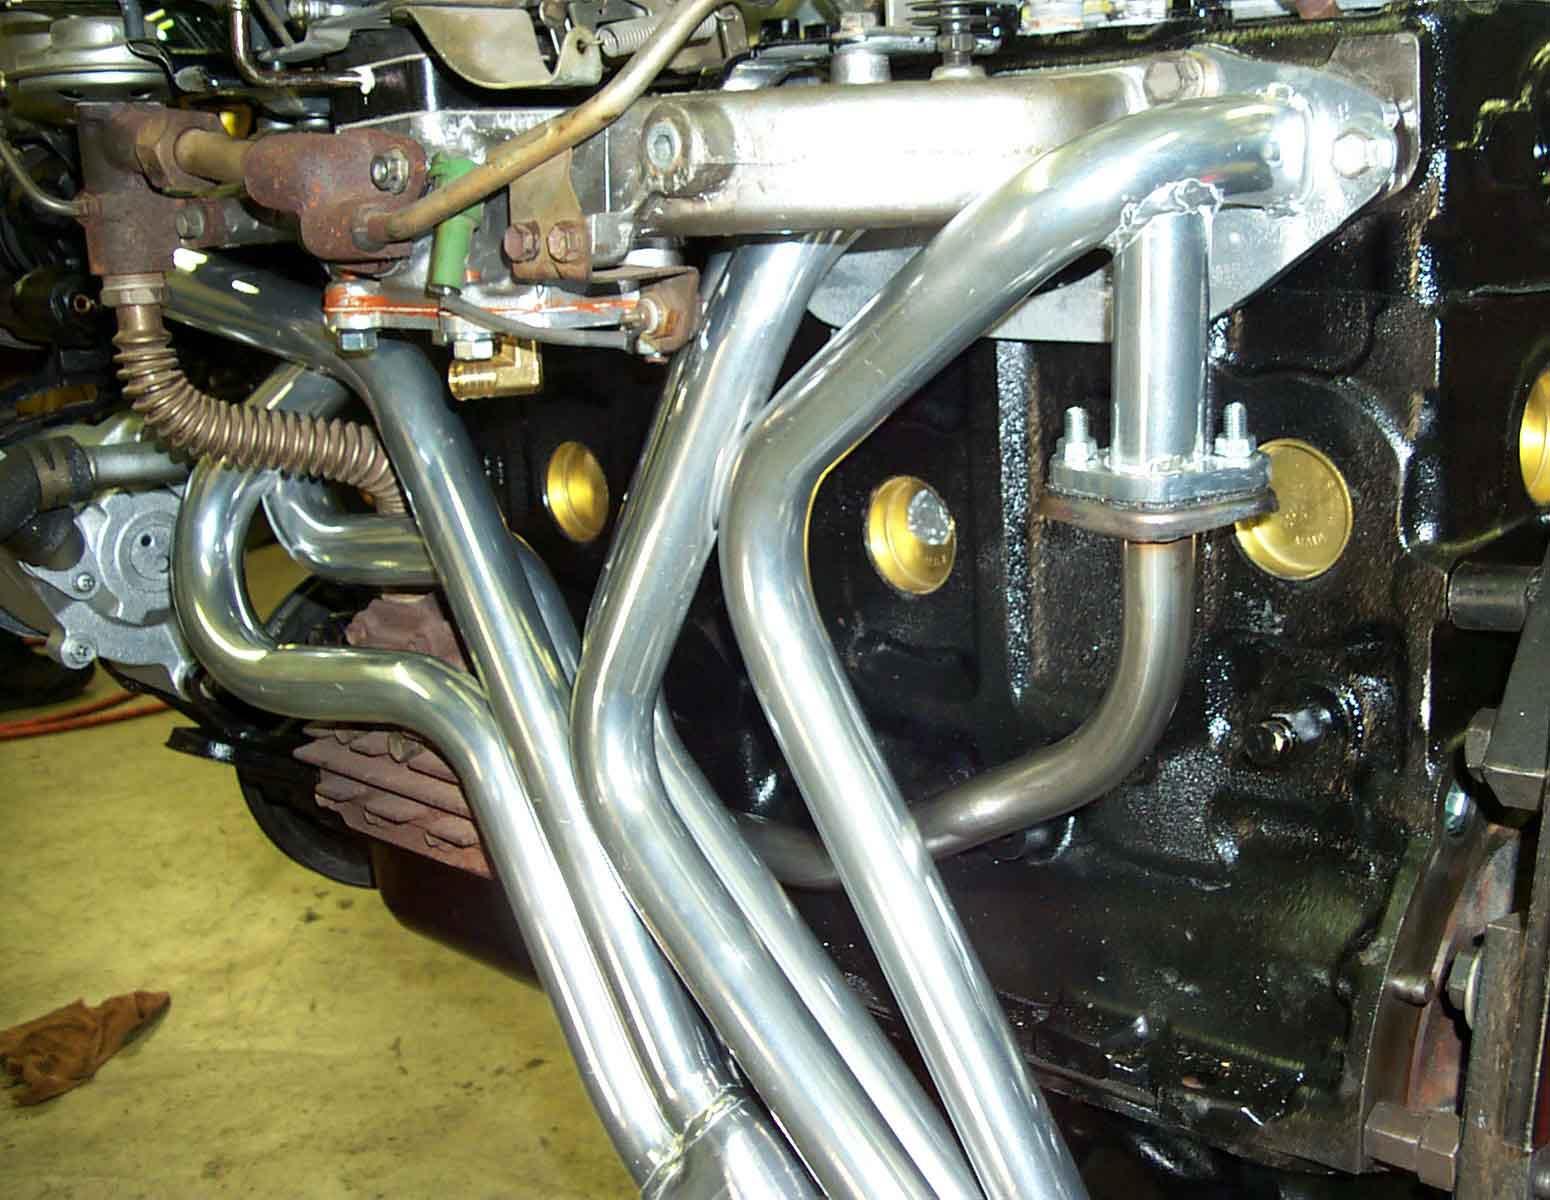 FJ40 FJ60 Headers Ceramic Coated Tuned F and 2F Engines Man A Fre 1968,  1969, 1970, 1971, 1972, 1973, 1974, 1975, 1976, 1977, 1978, 1979, 1980,  1981,